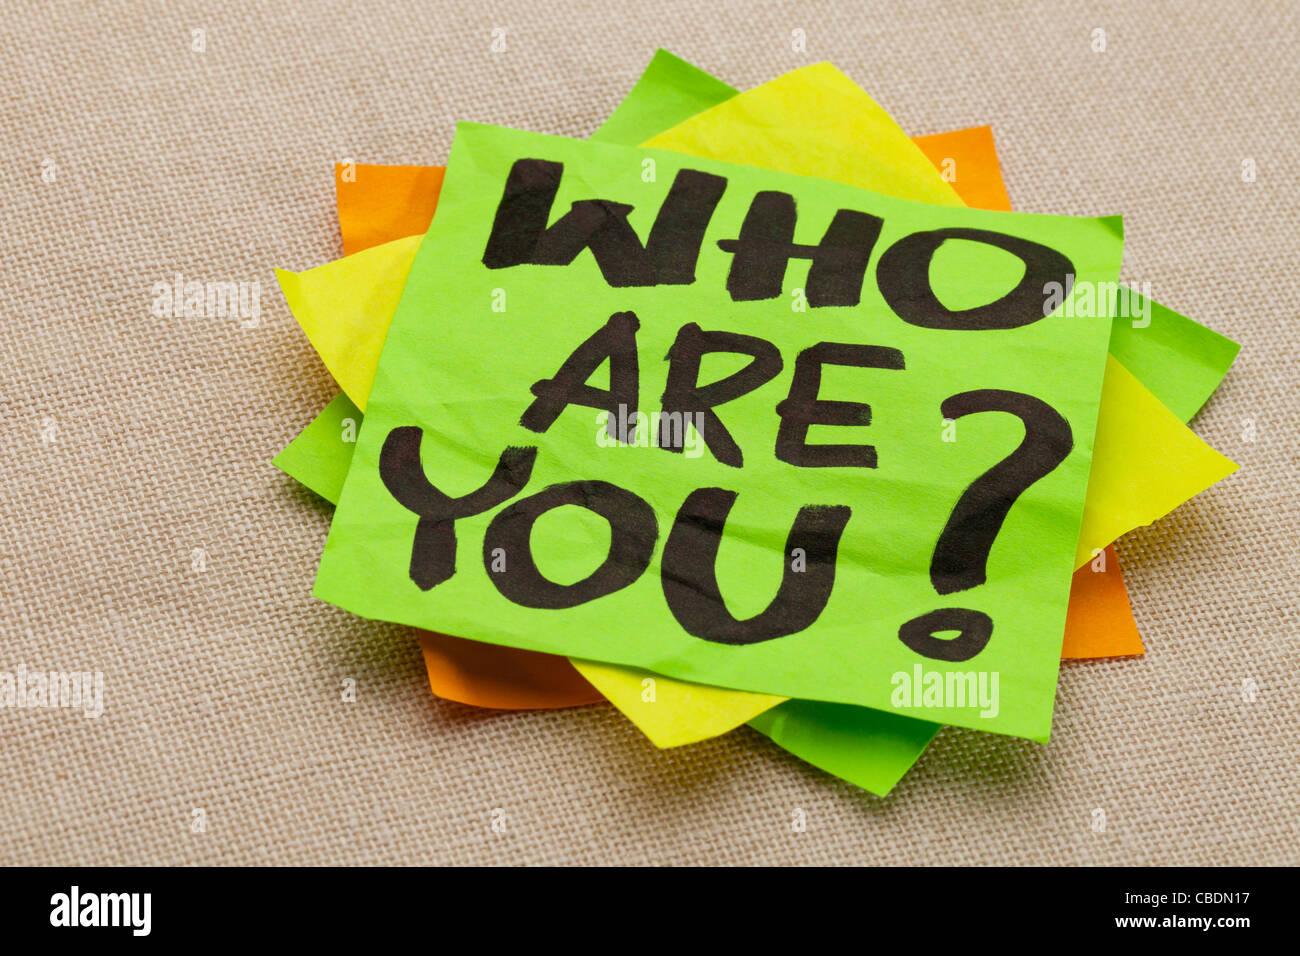 Wer sind Ihre Frage - Handschrift auf einem grünen Zettel Stockbild